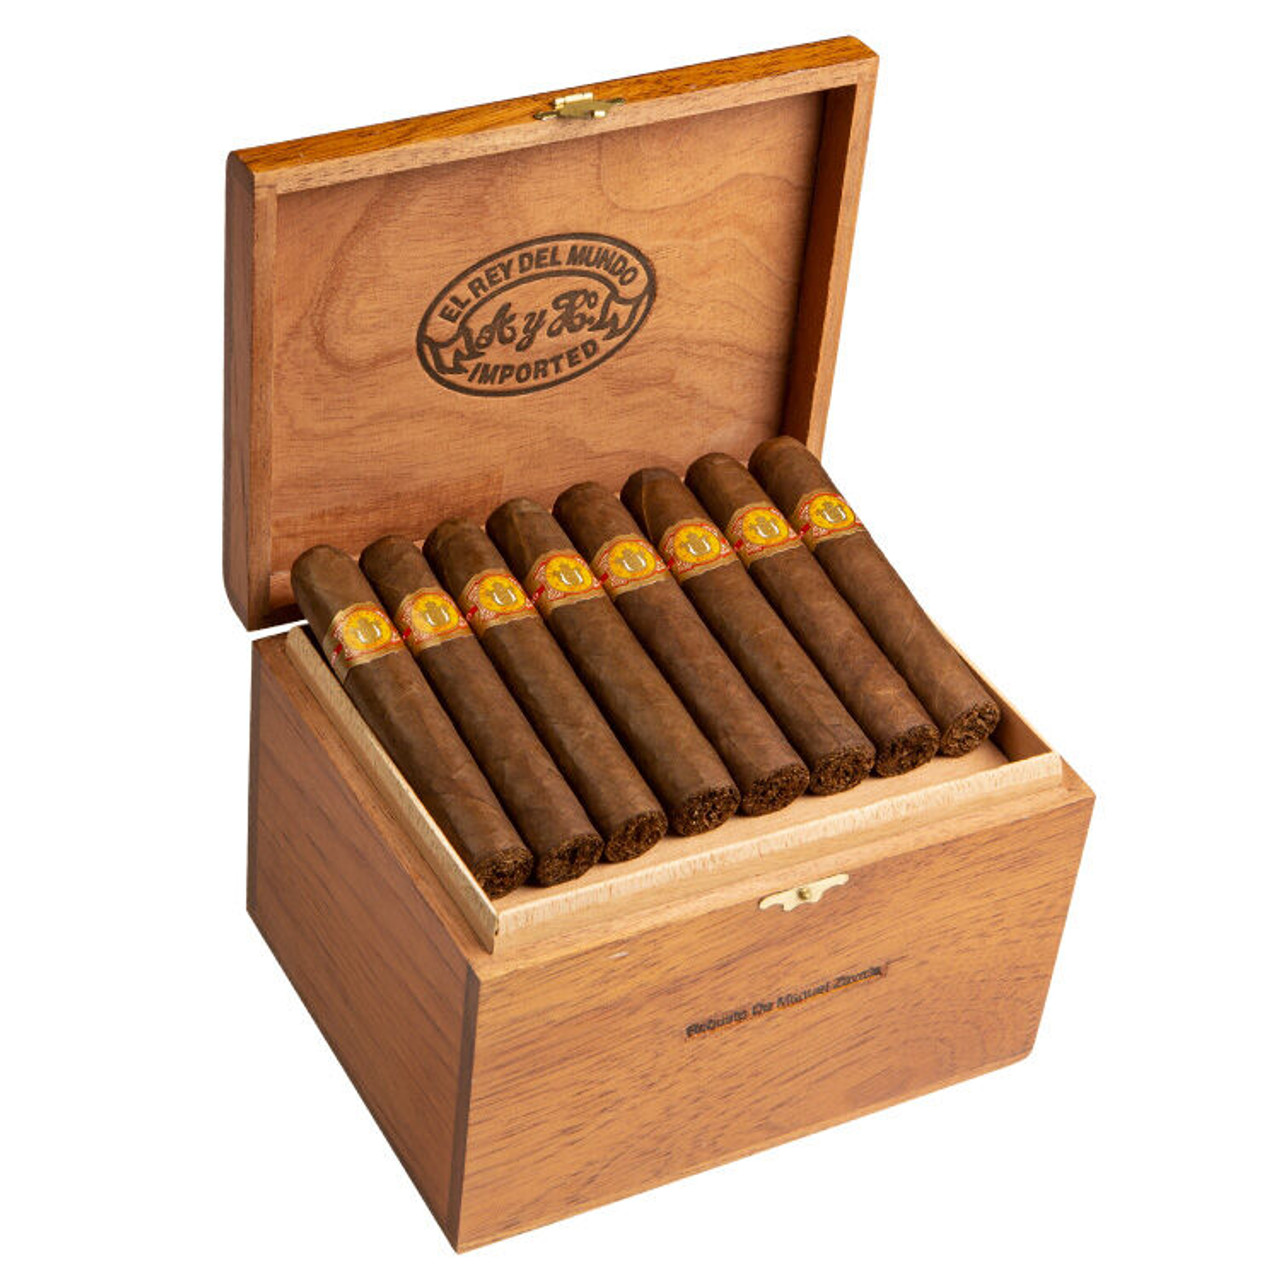 El Rey del Mundo Robusto Zavala Cigars - 5.0 x 54 (Box of 40)